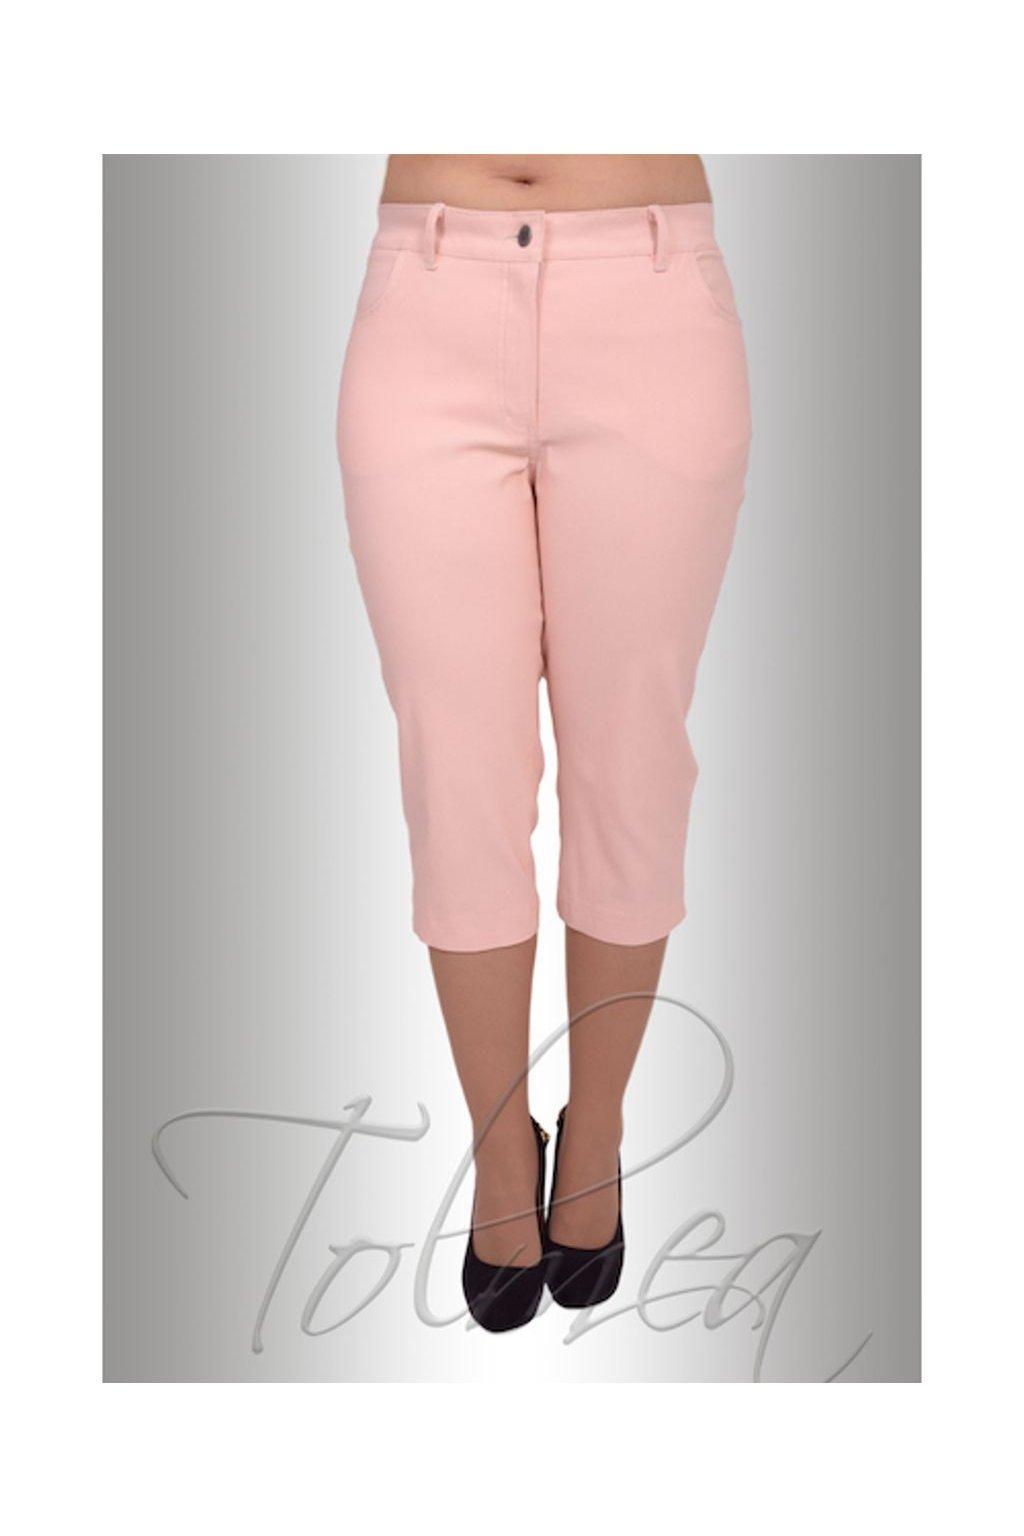 Kalhoty elastické riflové 3/4 44T (Velikost 36, Barva Černá)